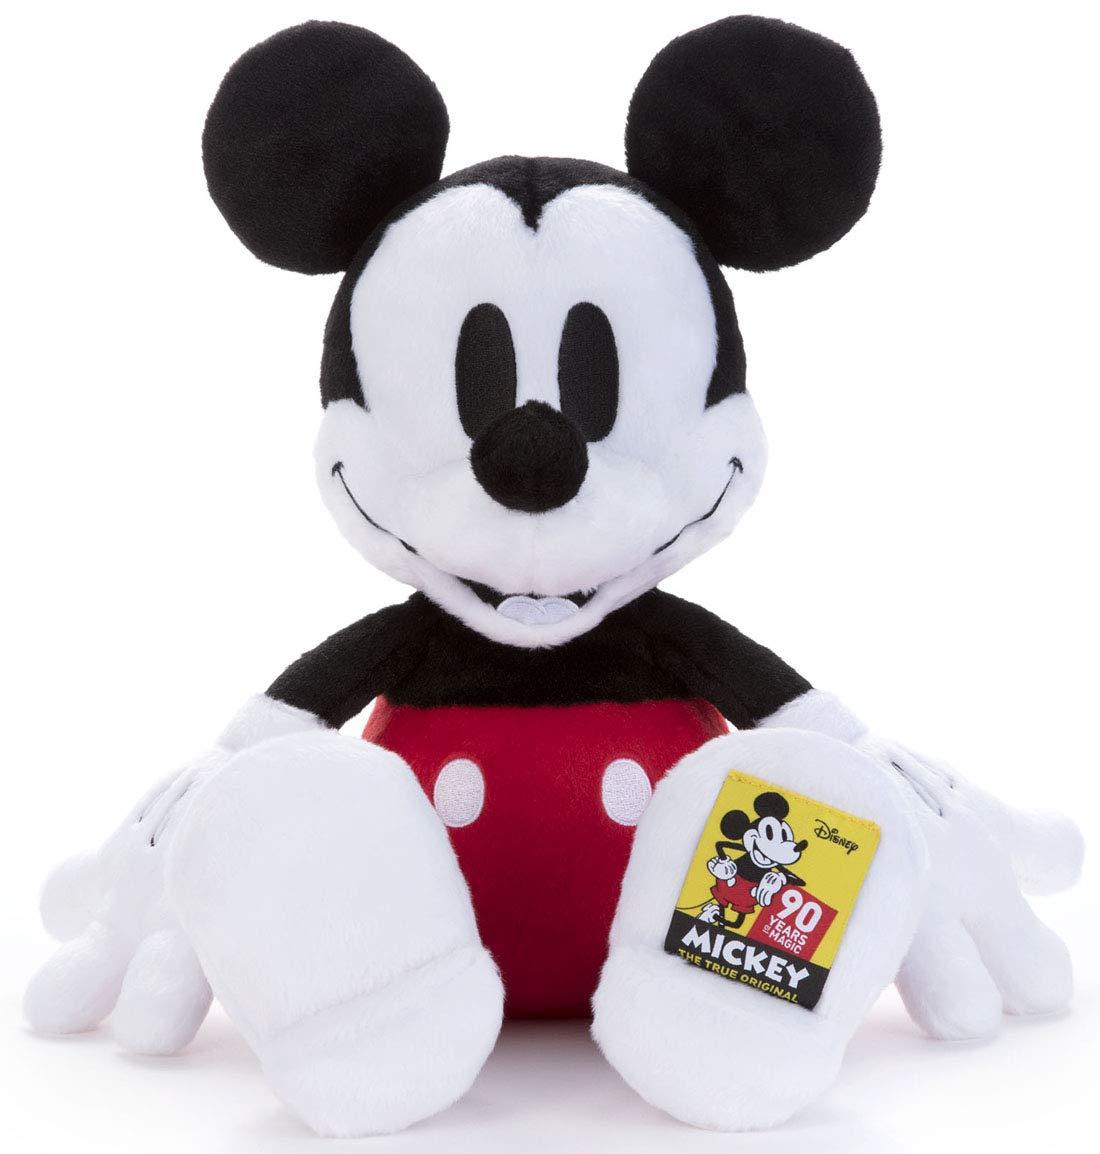 ディズニーキャラクター 90周年 ぬいぐるみM ミッキーマウス 高さ約42cm